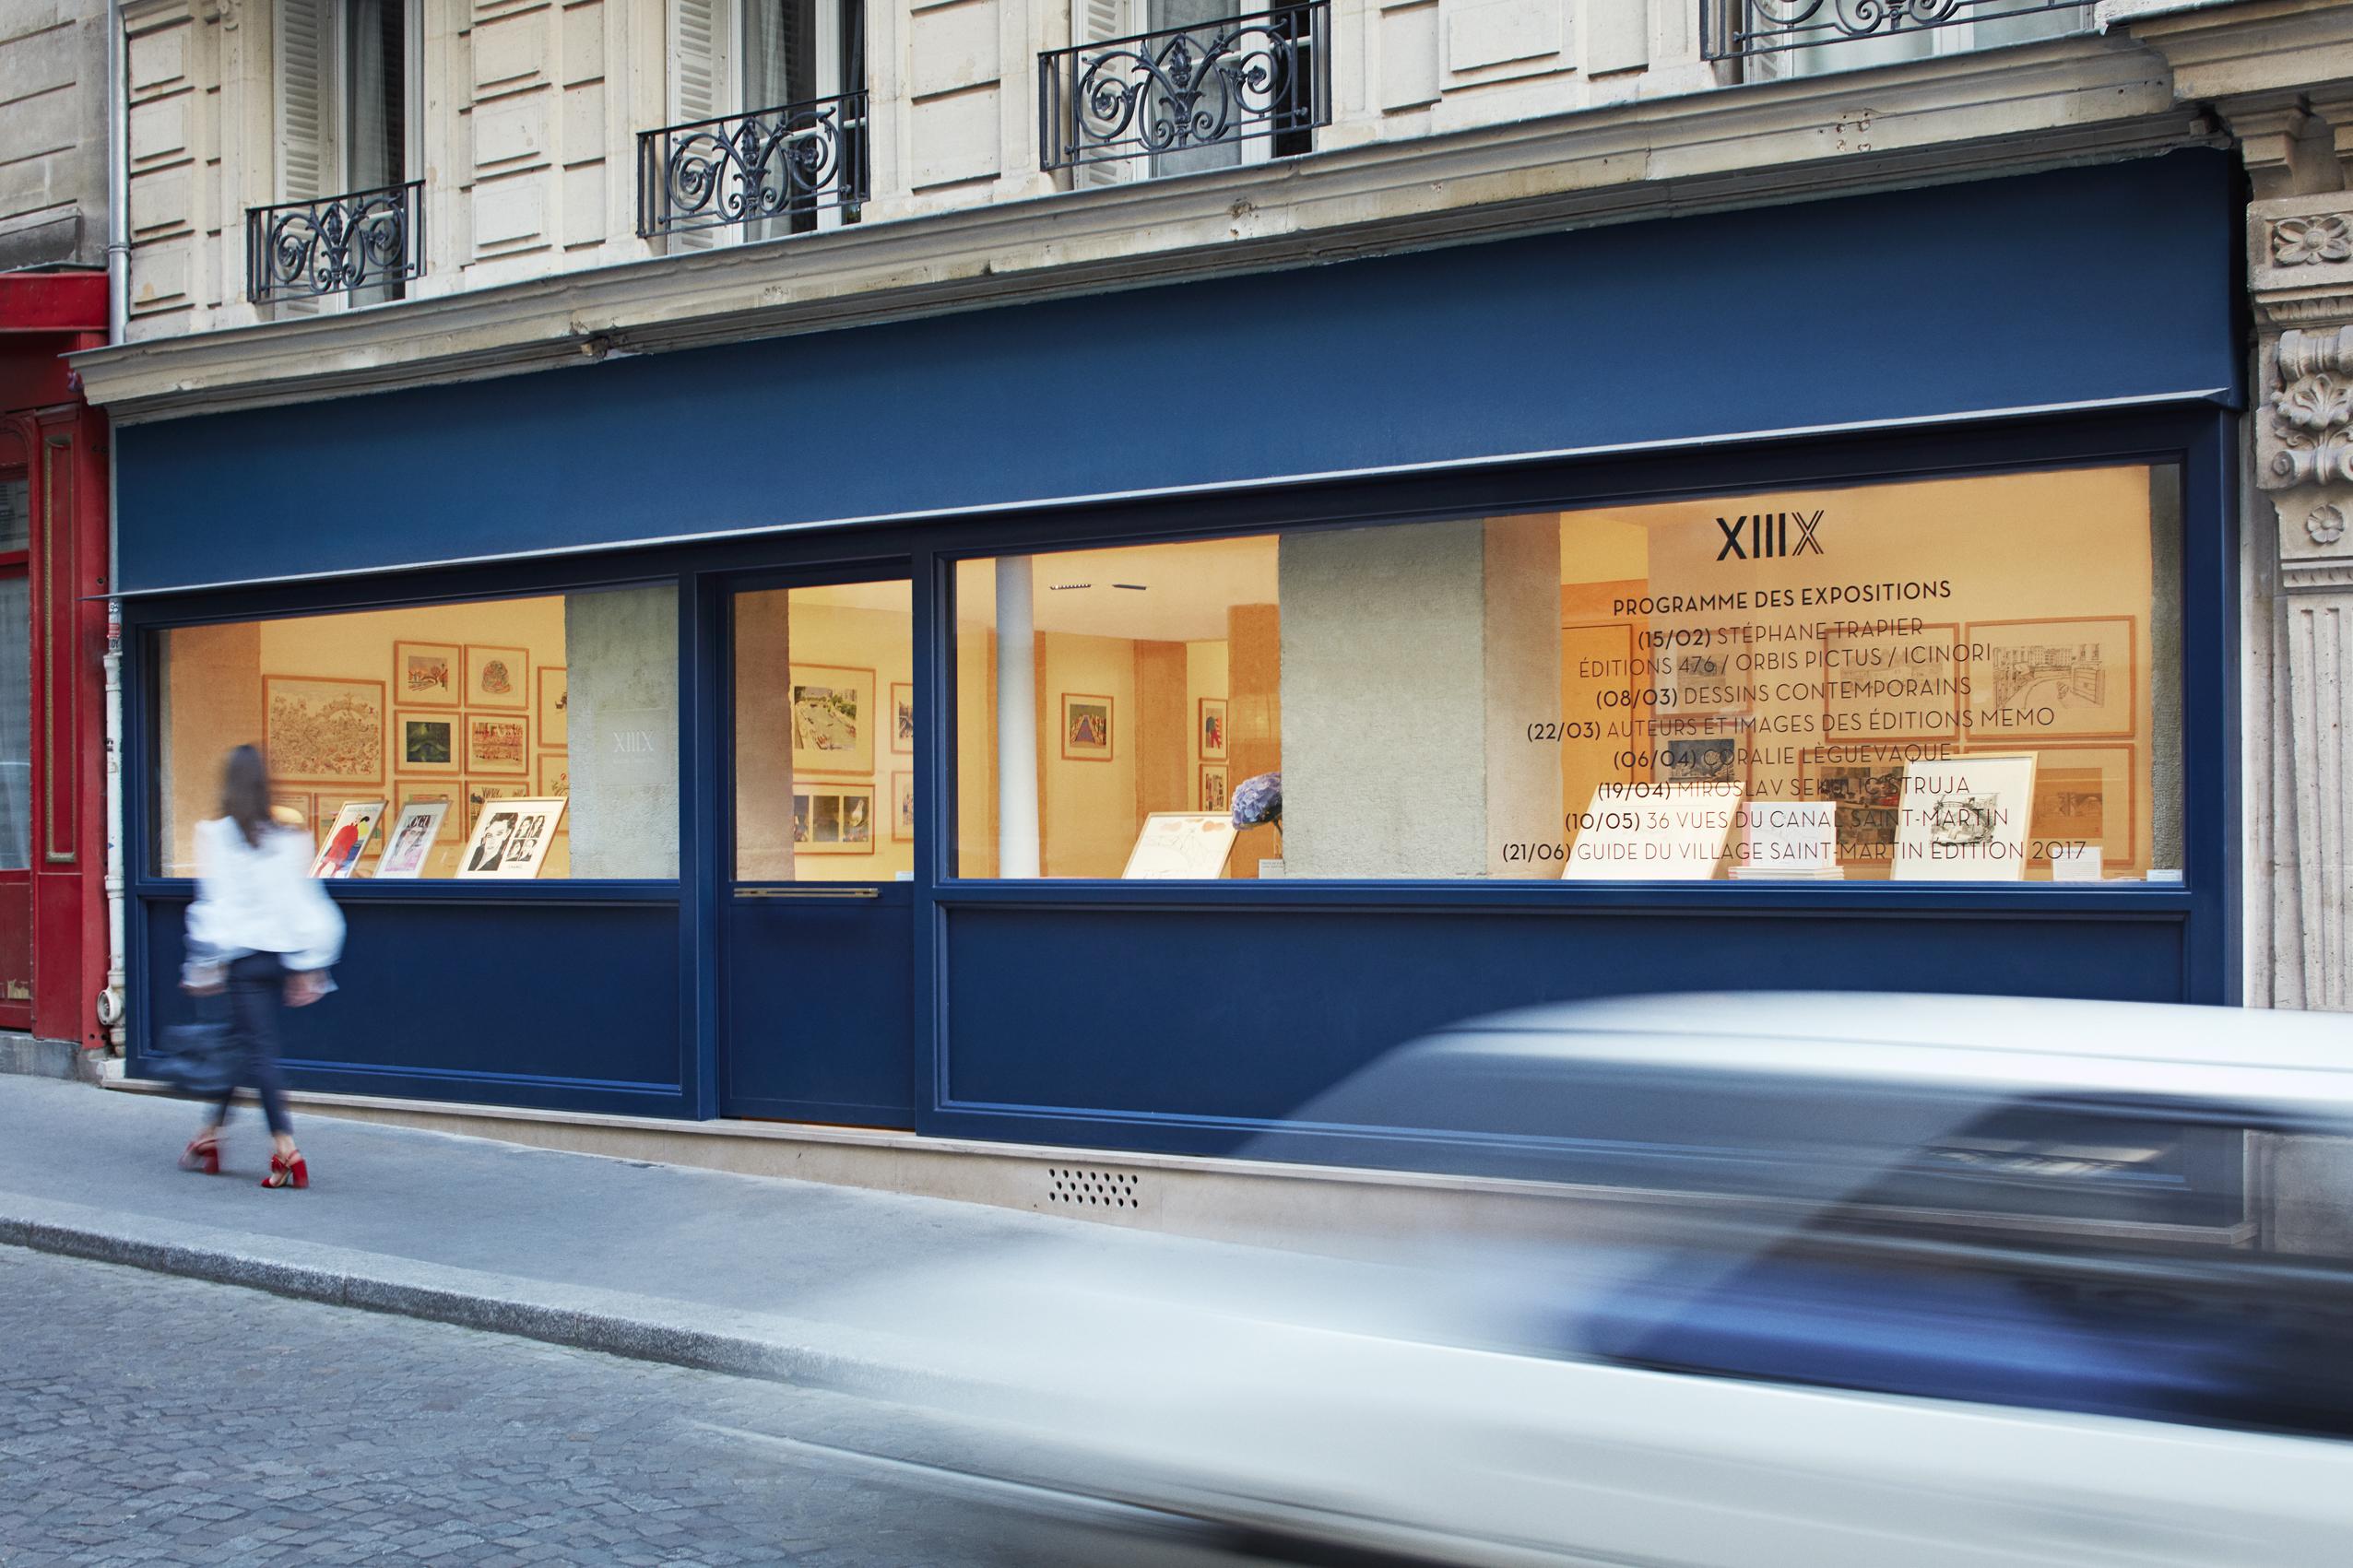 Atelier van Wassenhove_Galerie Le Treize Dix_01 ©Aurélien Chauvaud